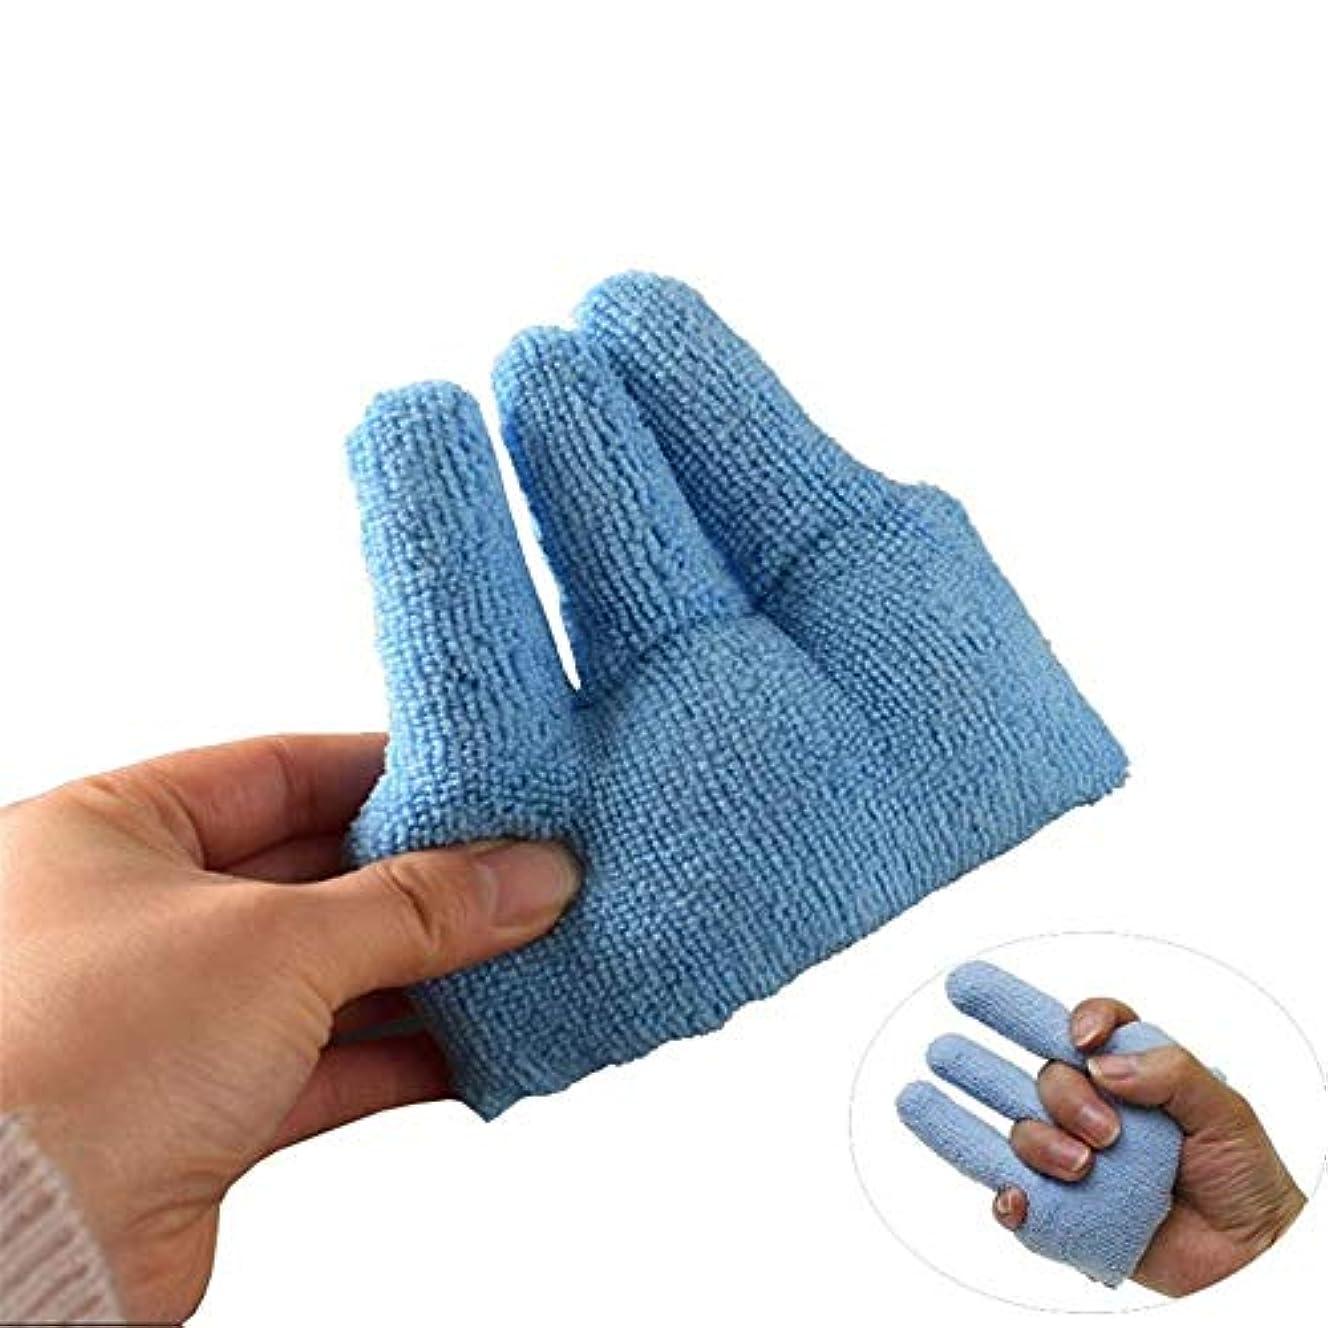 スポットゾーンアパート指拘縮の訓練装置は、ベッドの痛みのための指のきらめきくる病手の高齢者介護を防ぎます (Size : 1pairs)